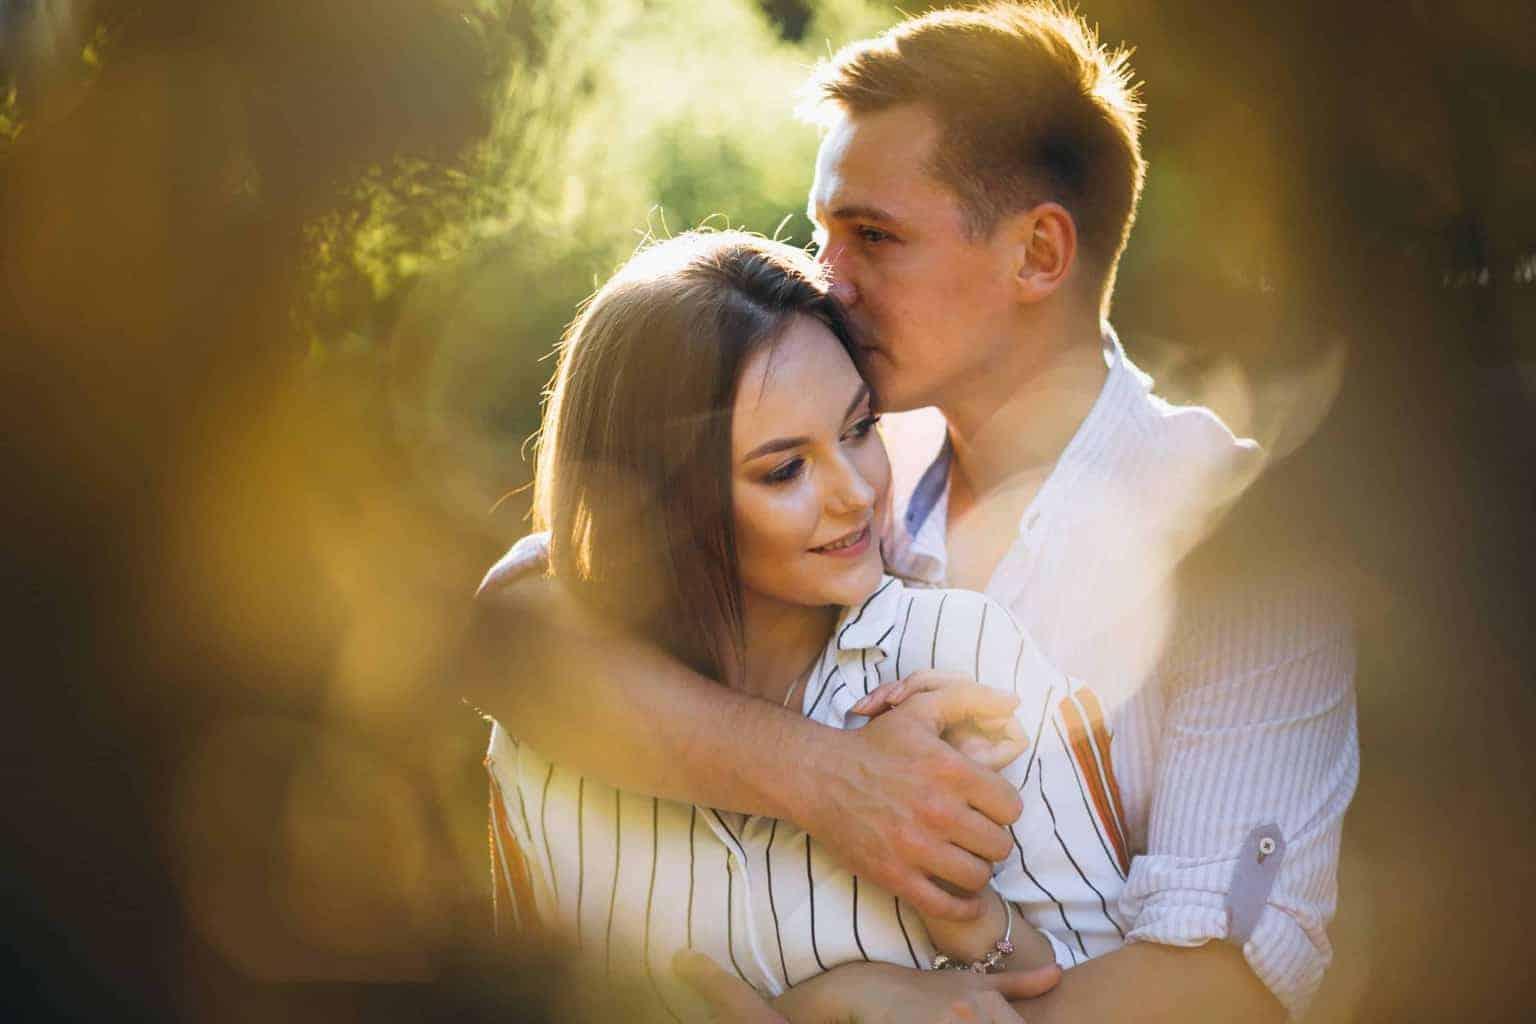 Couple in love in park